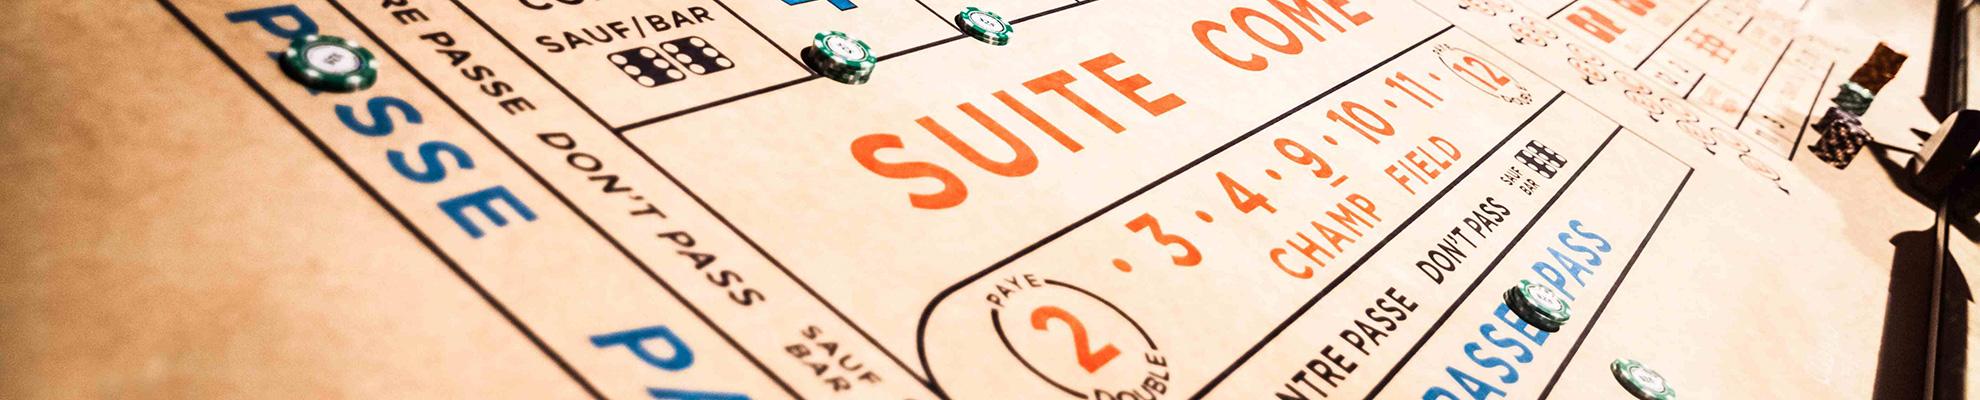 casino craps online spielautomaten spiele kostenlos online spielen